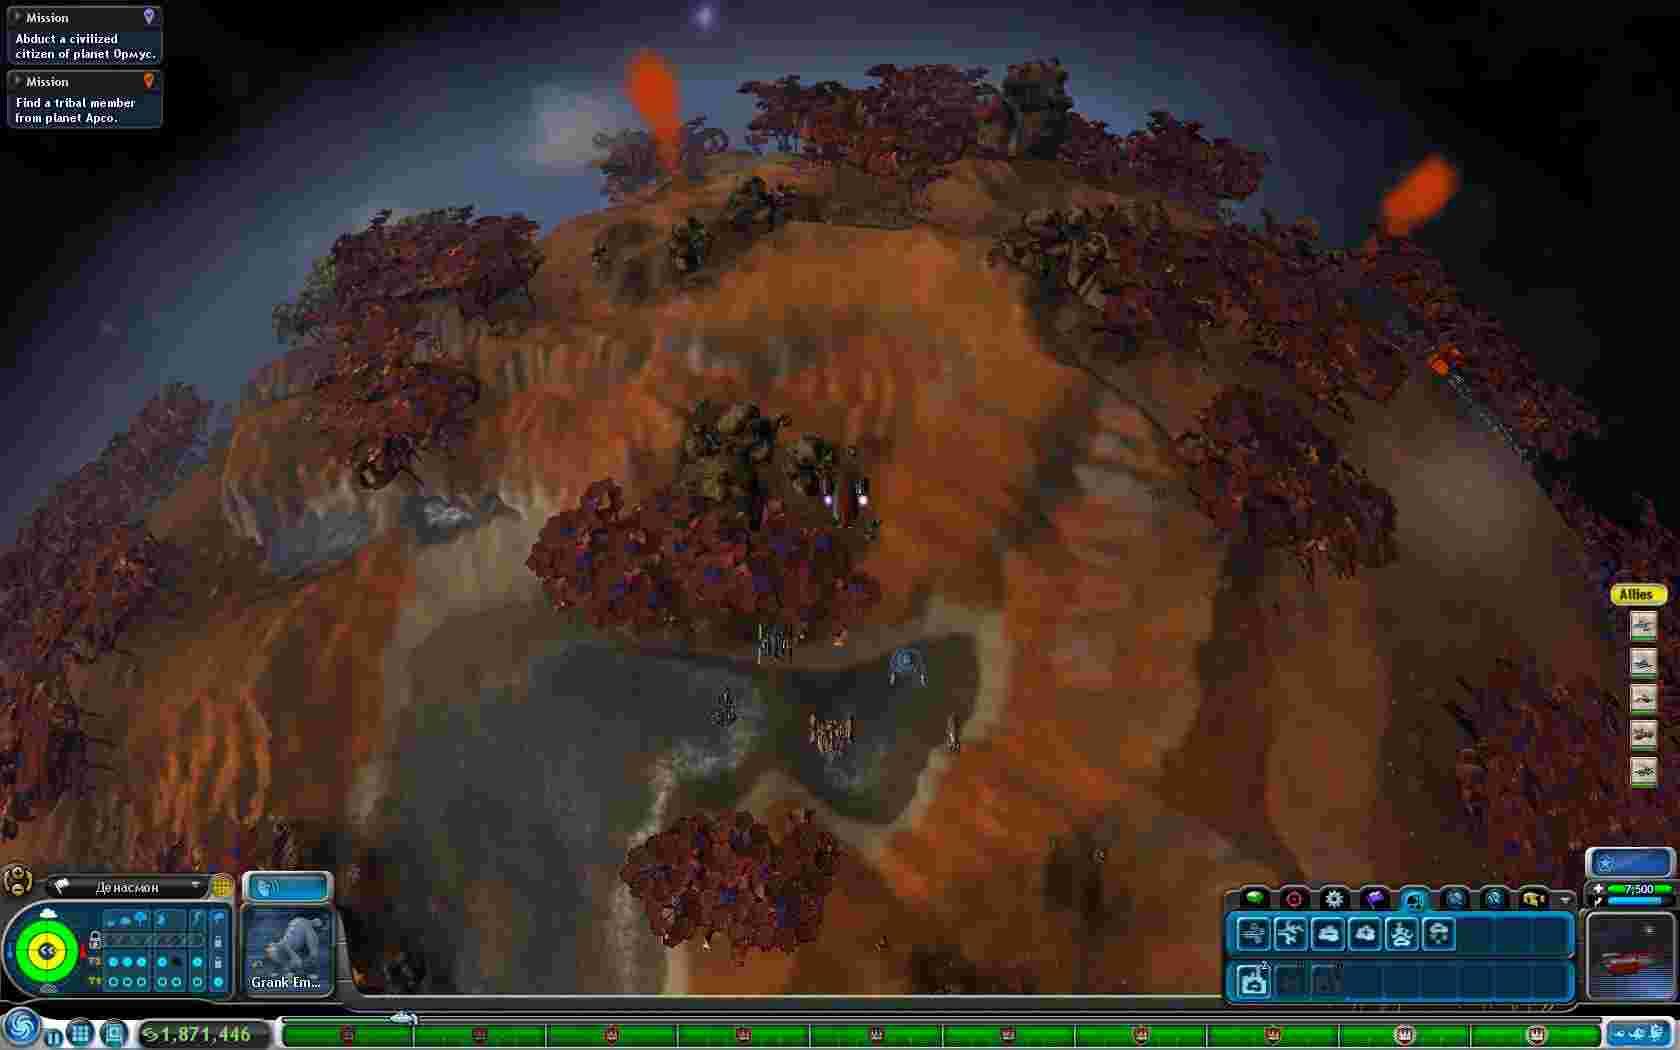 Режим польоту над планетою - редактор планет/екосистем